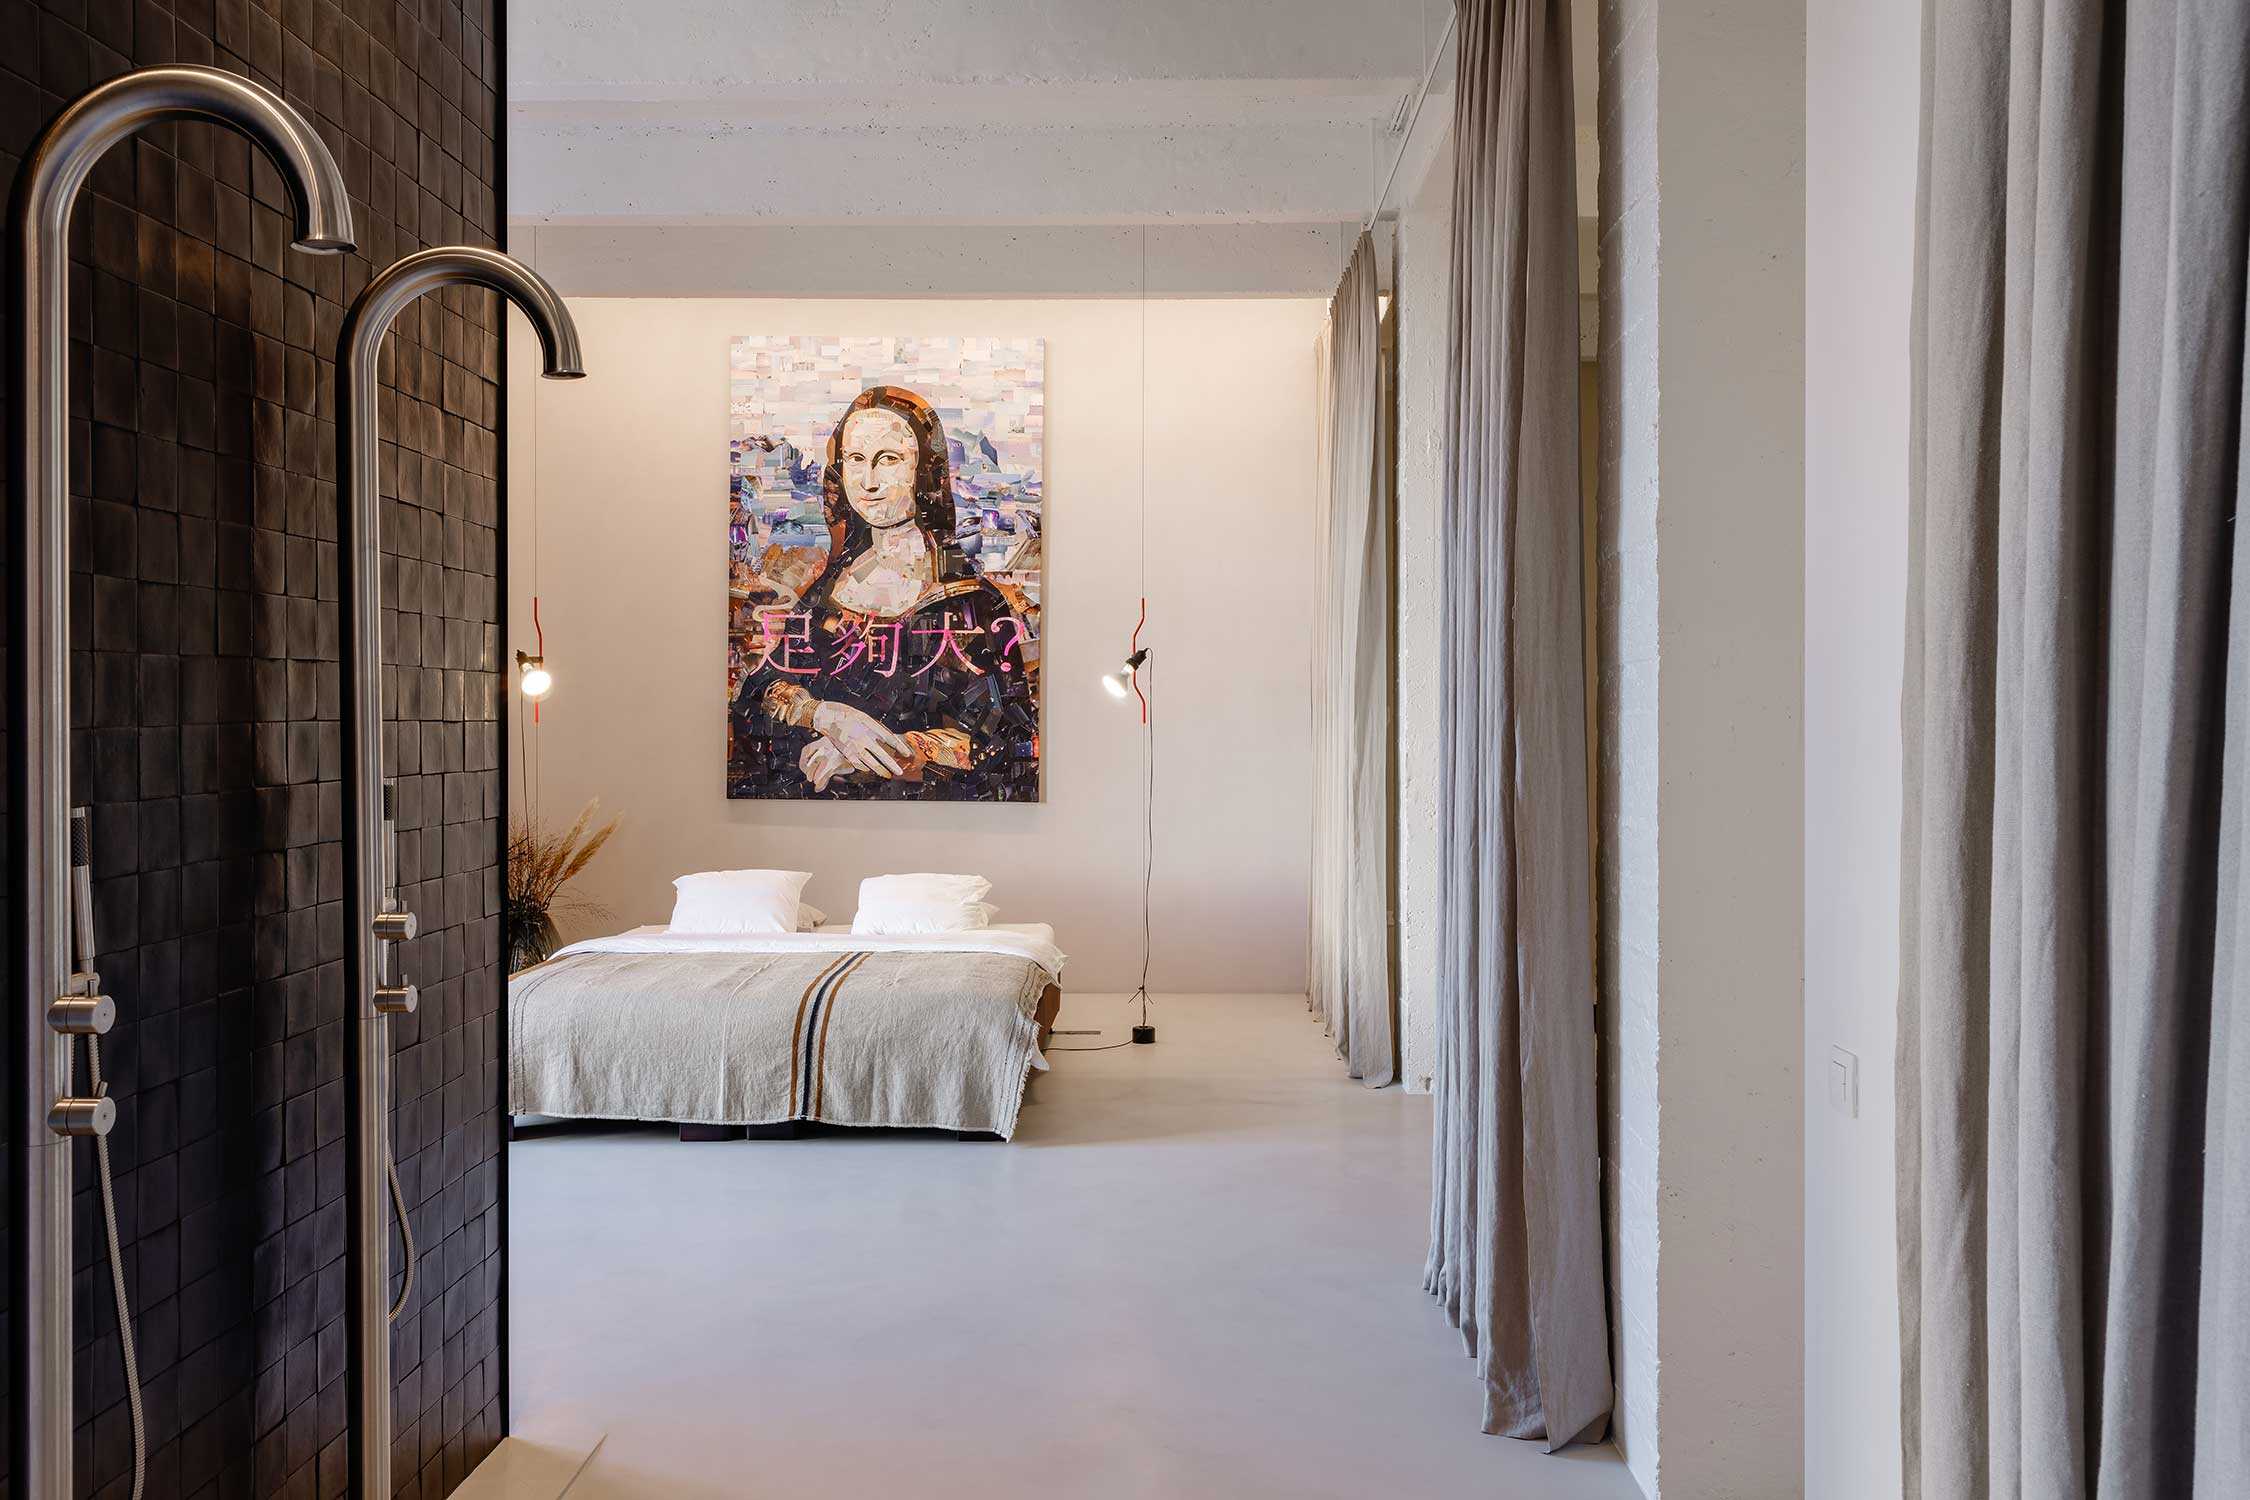 Studio Tolleneer Loft Eilandje Antwerpen Interieur Domenicomori tiles